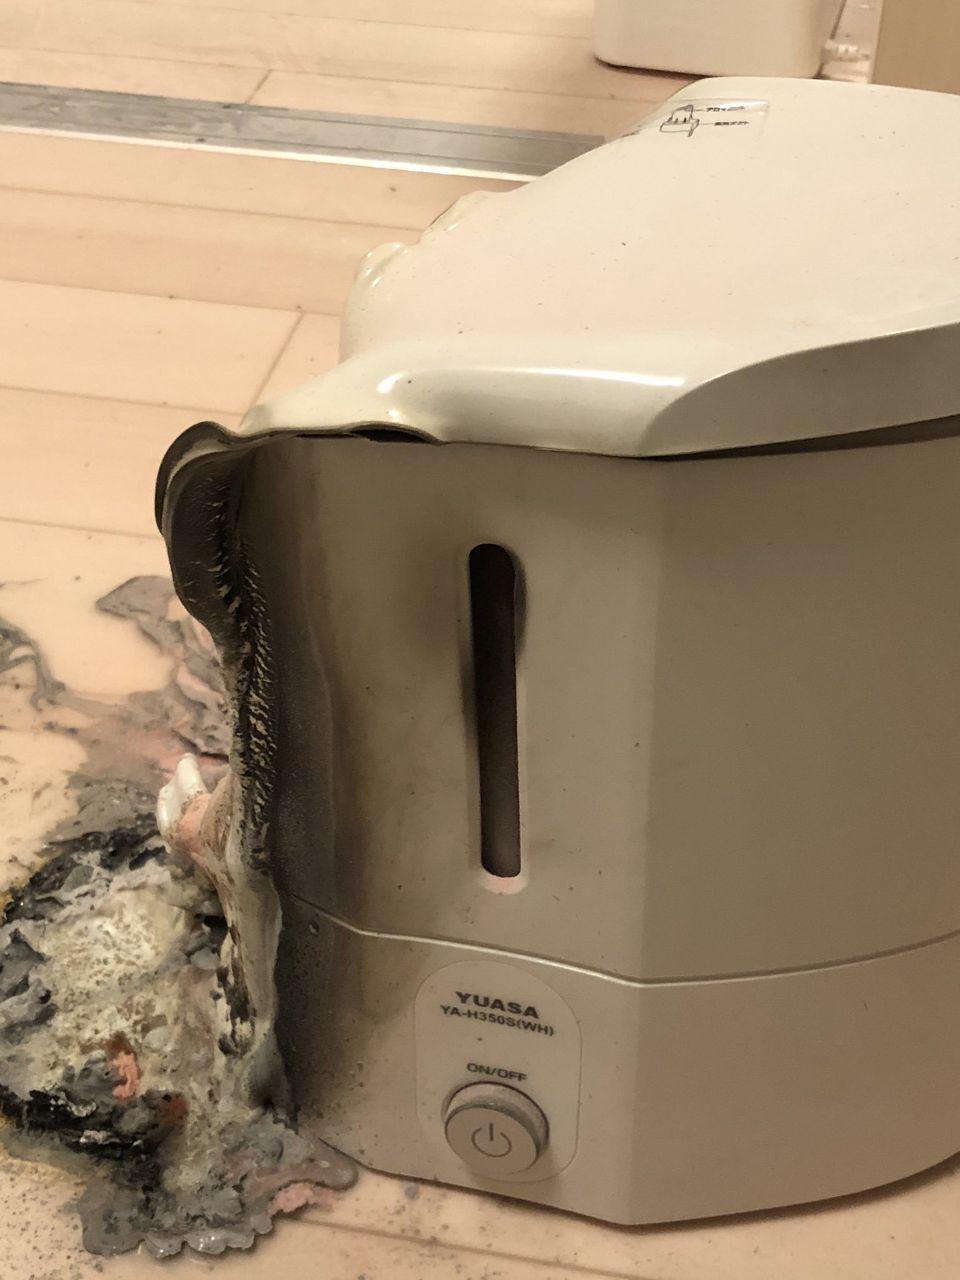 8074 - ユアサ商事(株) 大変だー  寝てたら加湿器燃えて火災報知器ジャンジャン鳴ってて、人生で初めて119した 火は消化器で